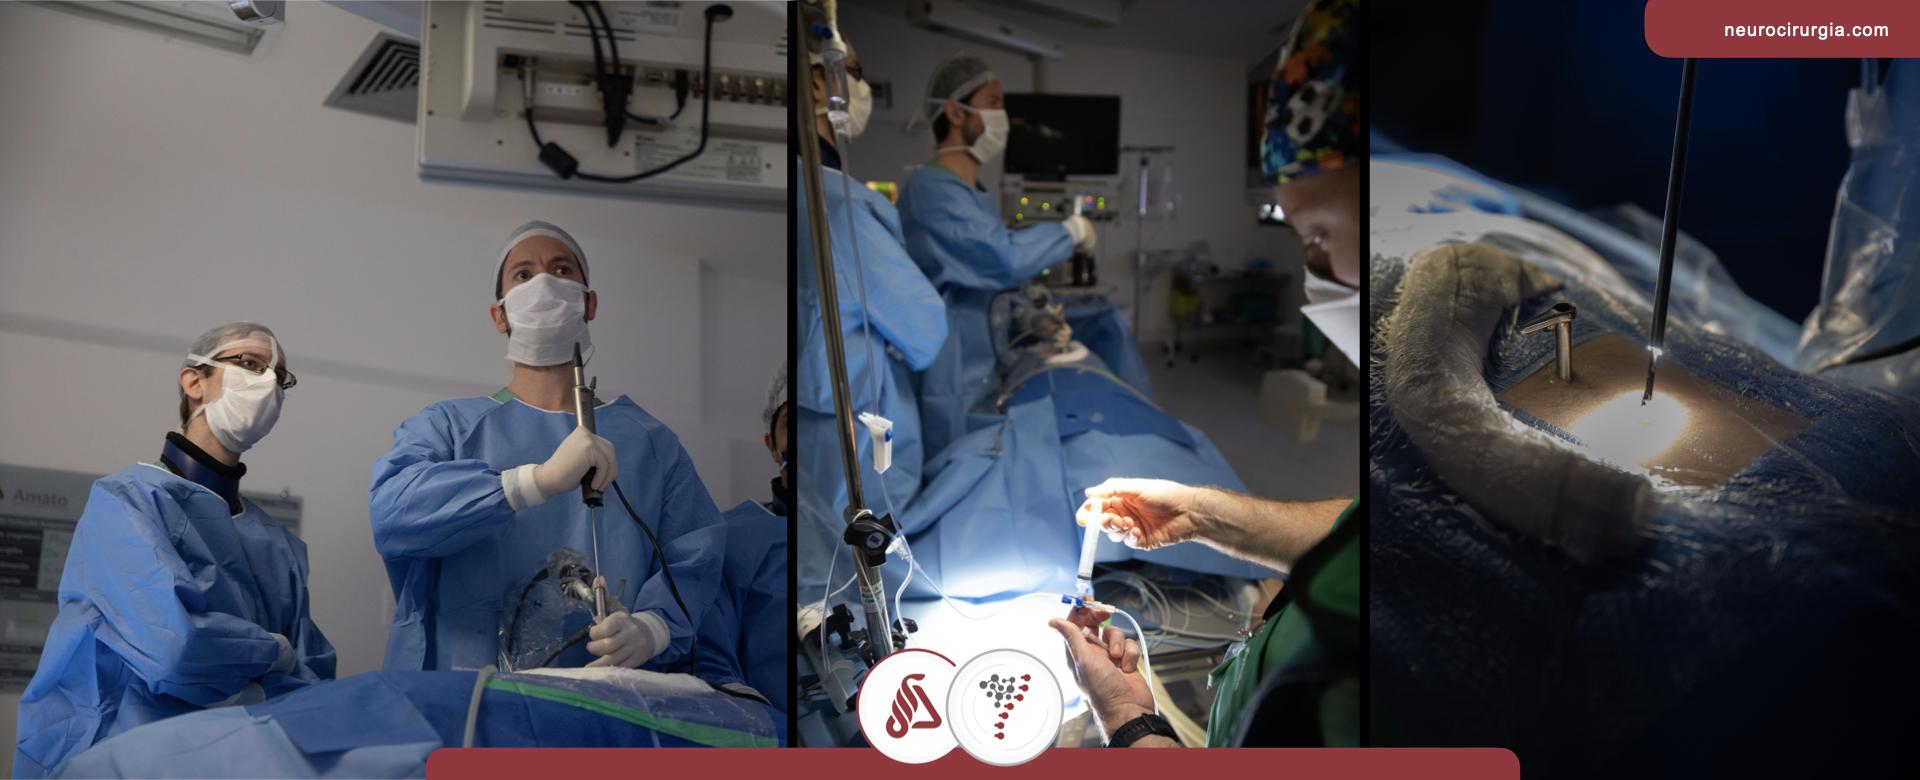 Cirurgia Endoscópica da Coluna